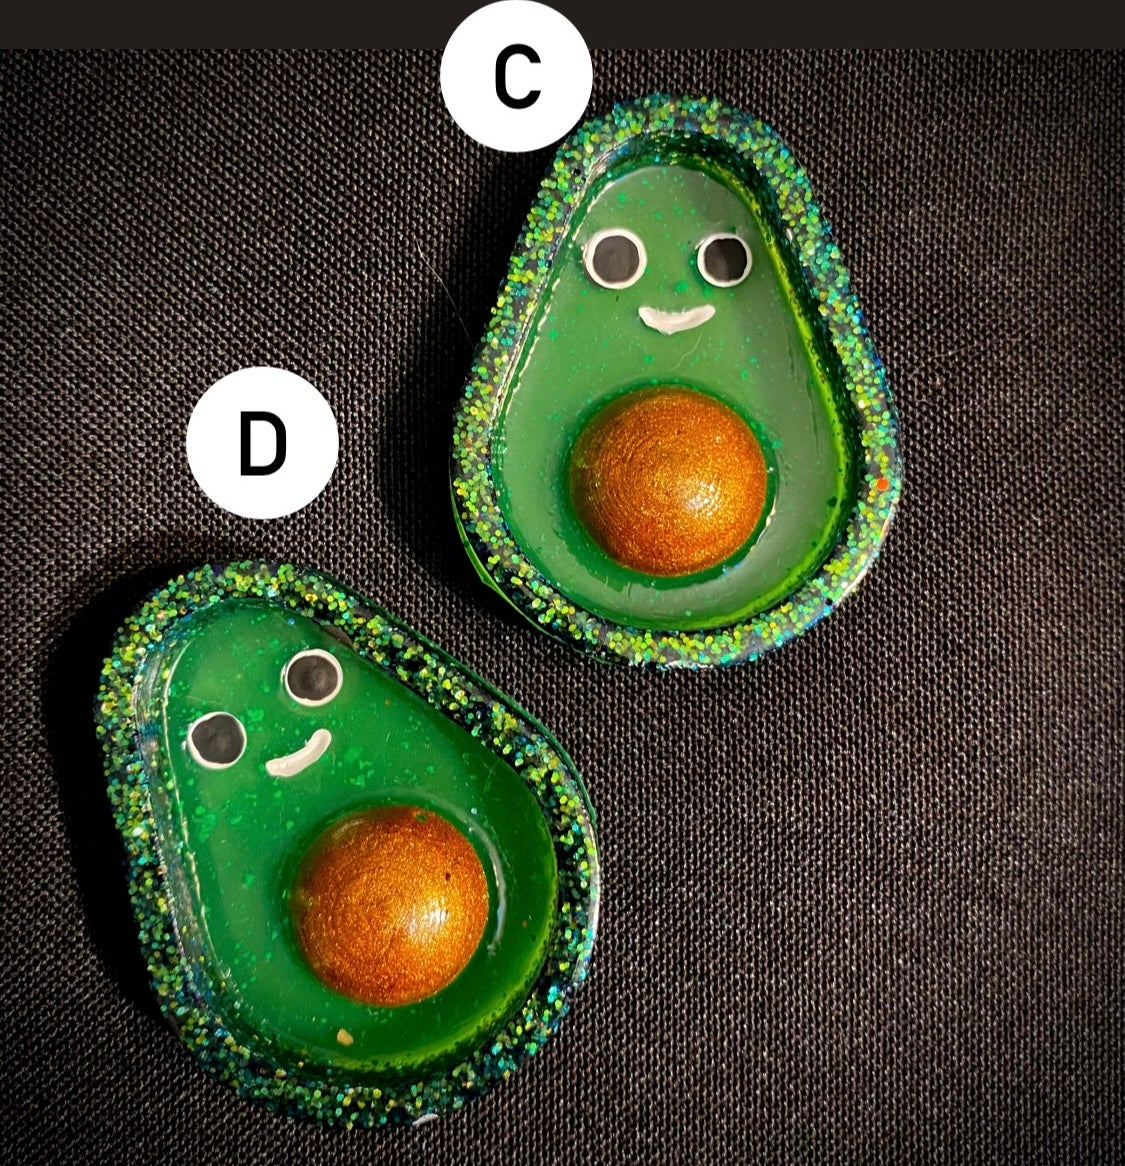 Image of Avocado Buddies!